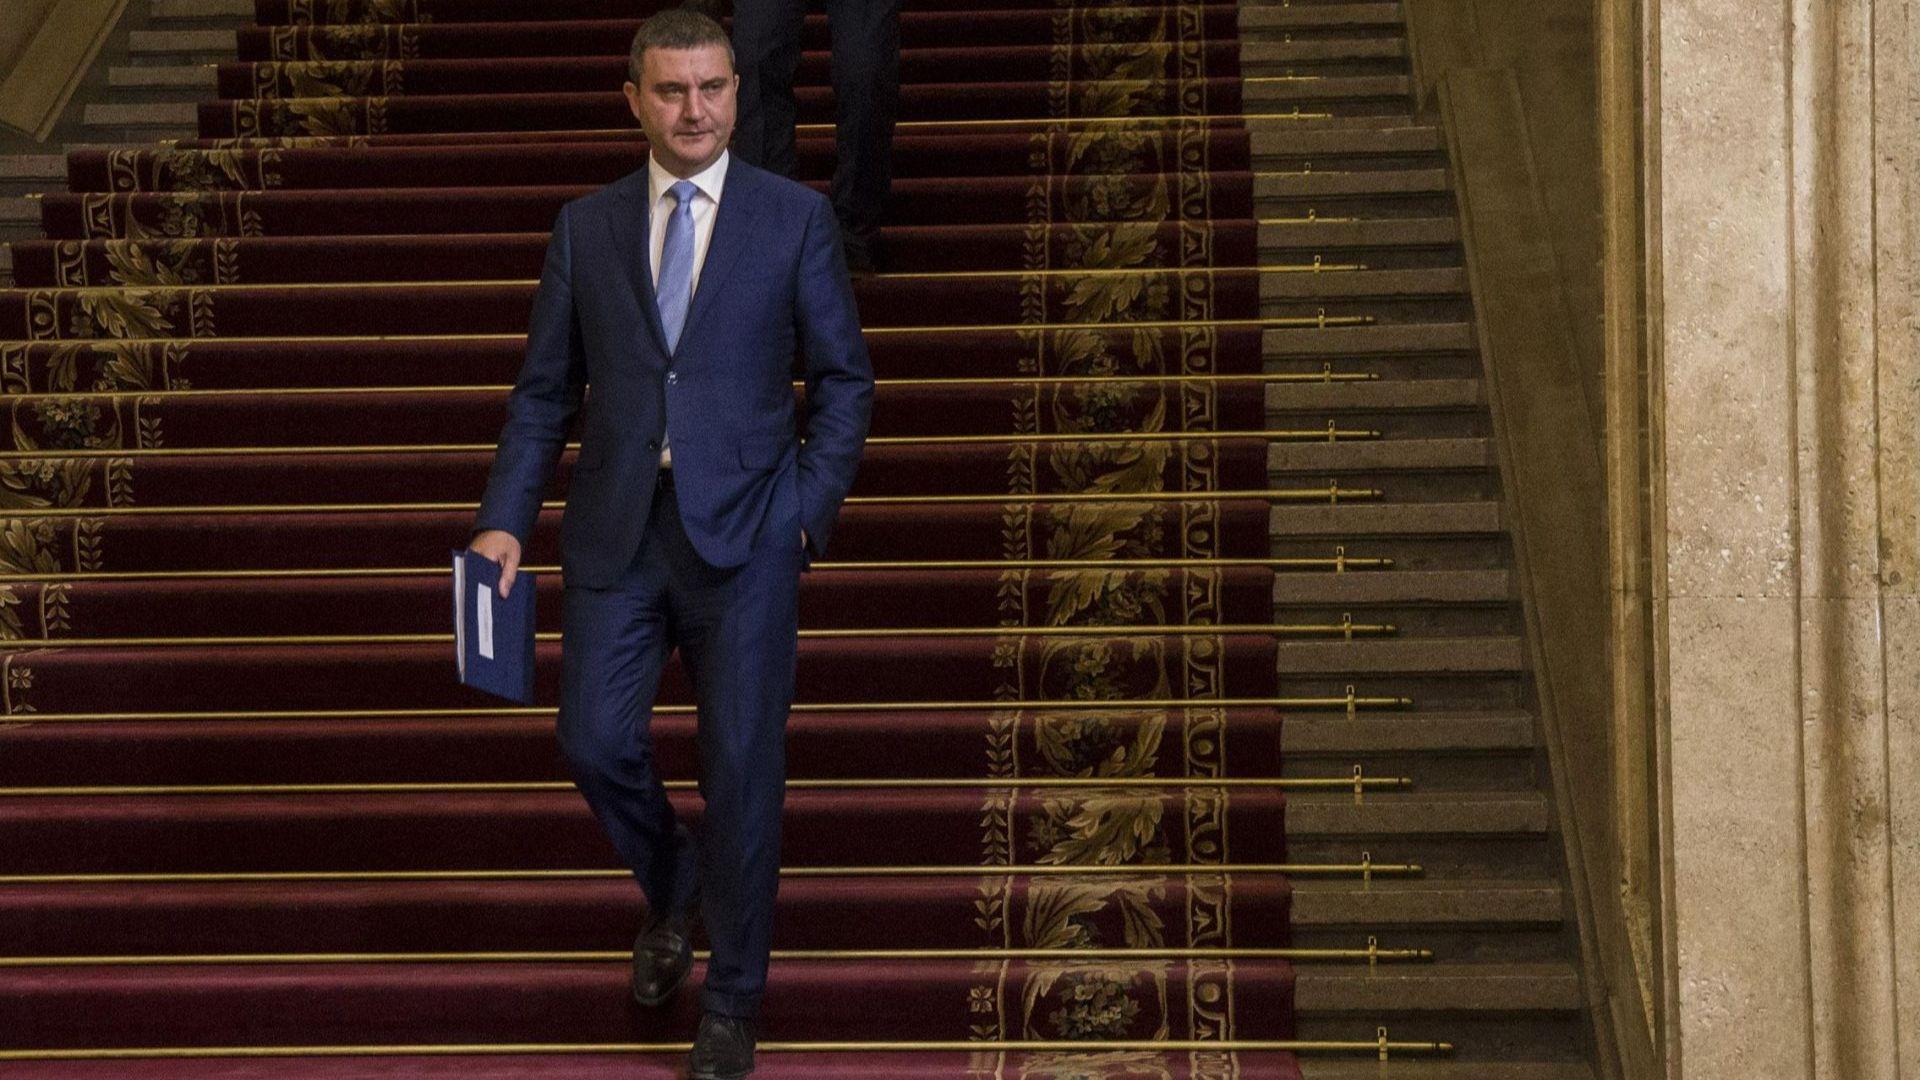 Партиите взели 6.5 млн. лв. повече заради несъвършен закон